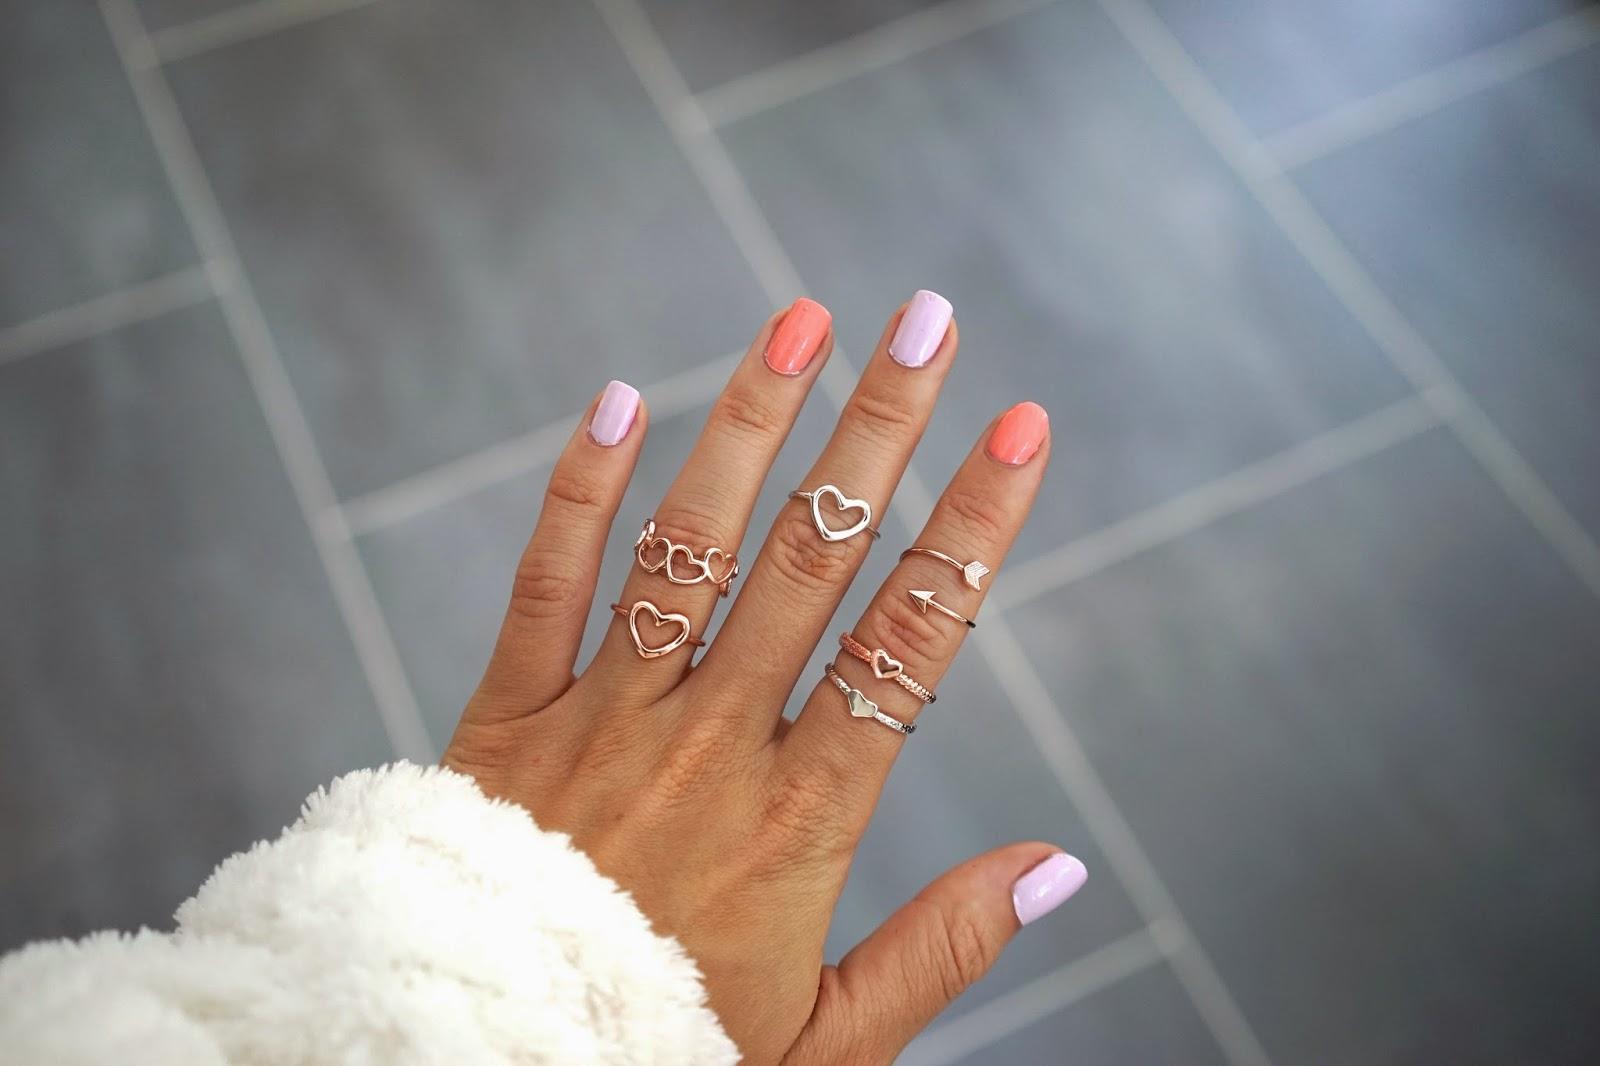 lvndr rings